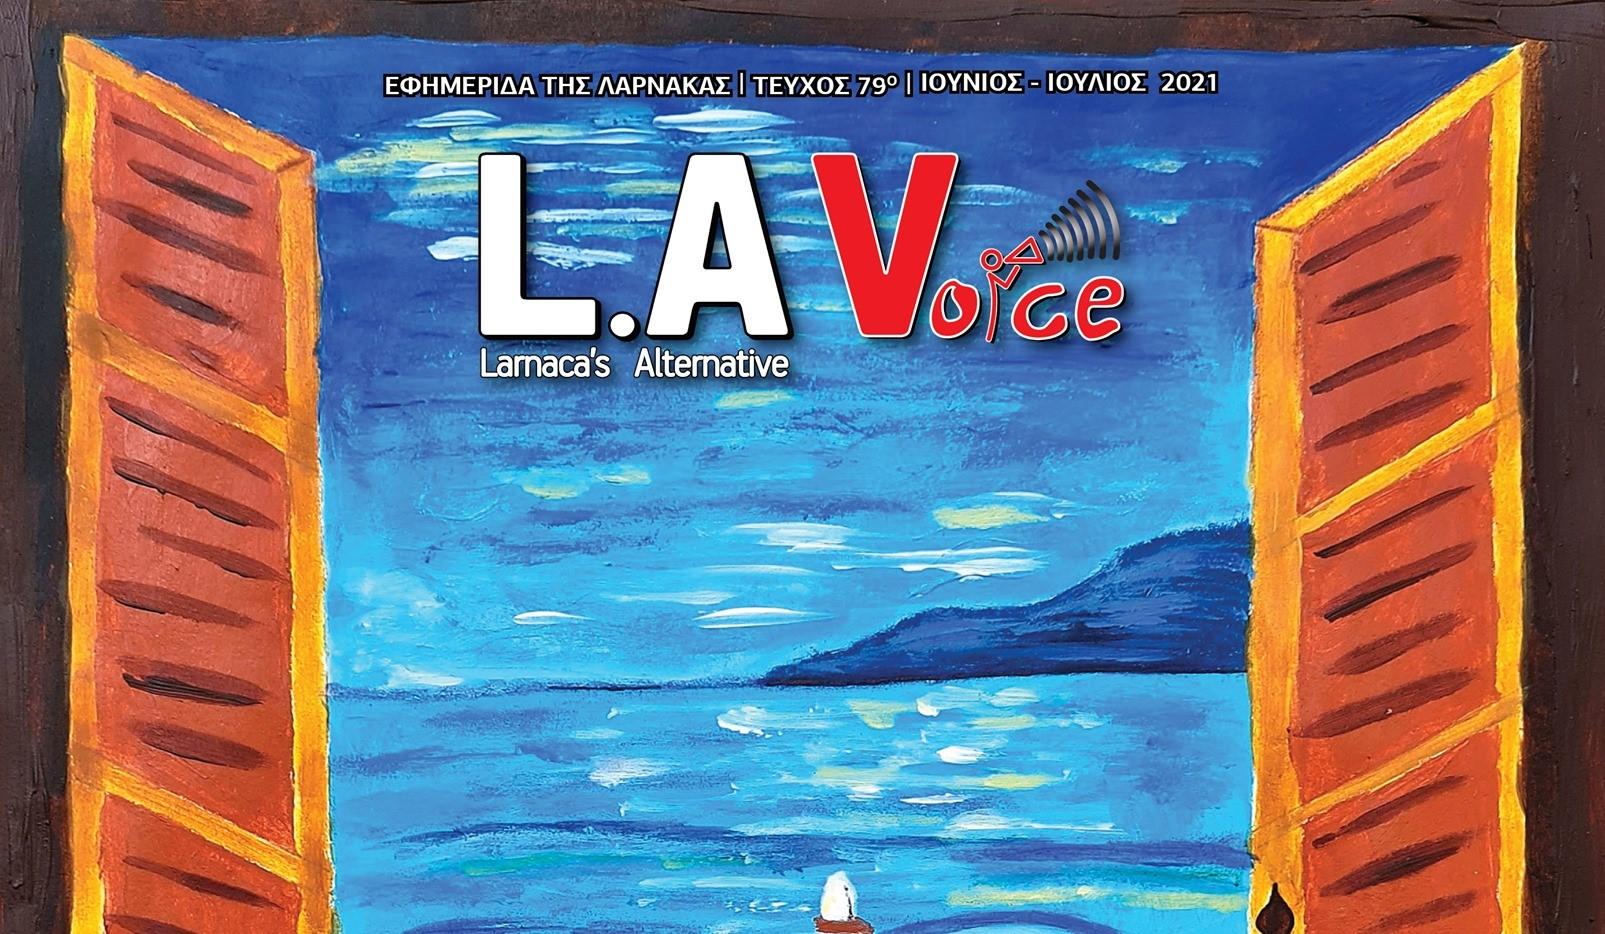 Το νέο τεύχος της L.A. Voice μπορείτε να το δείτε εδώ ηλεκτρονικά